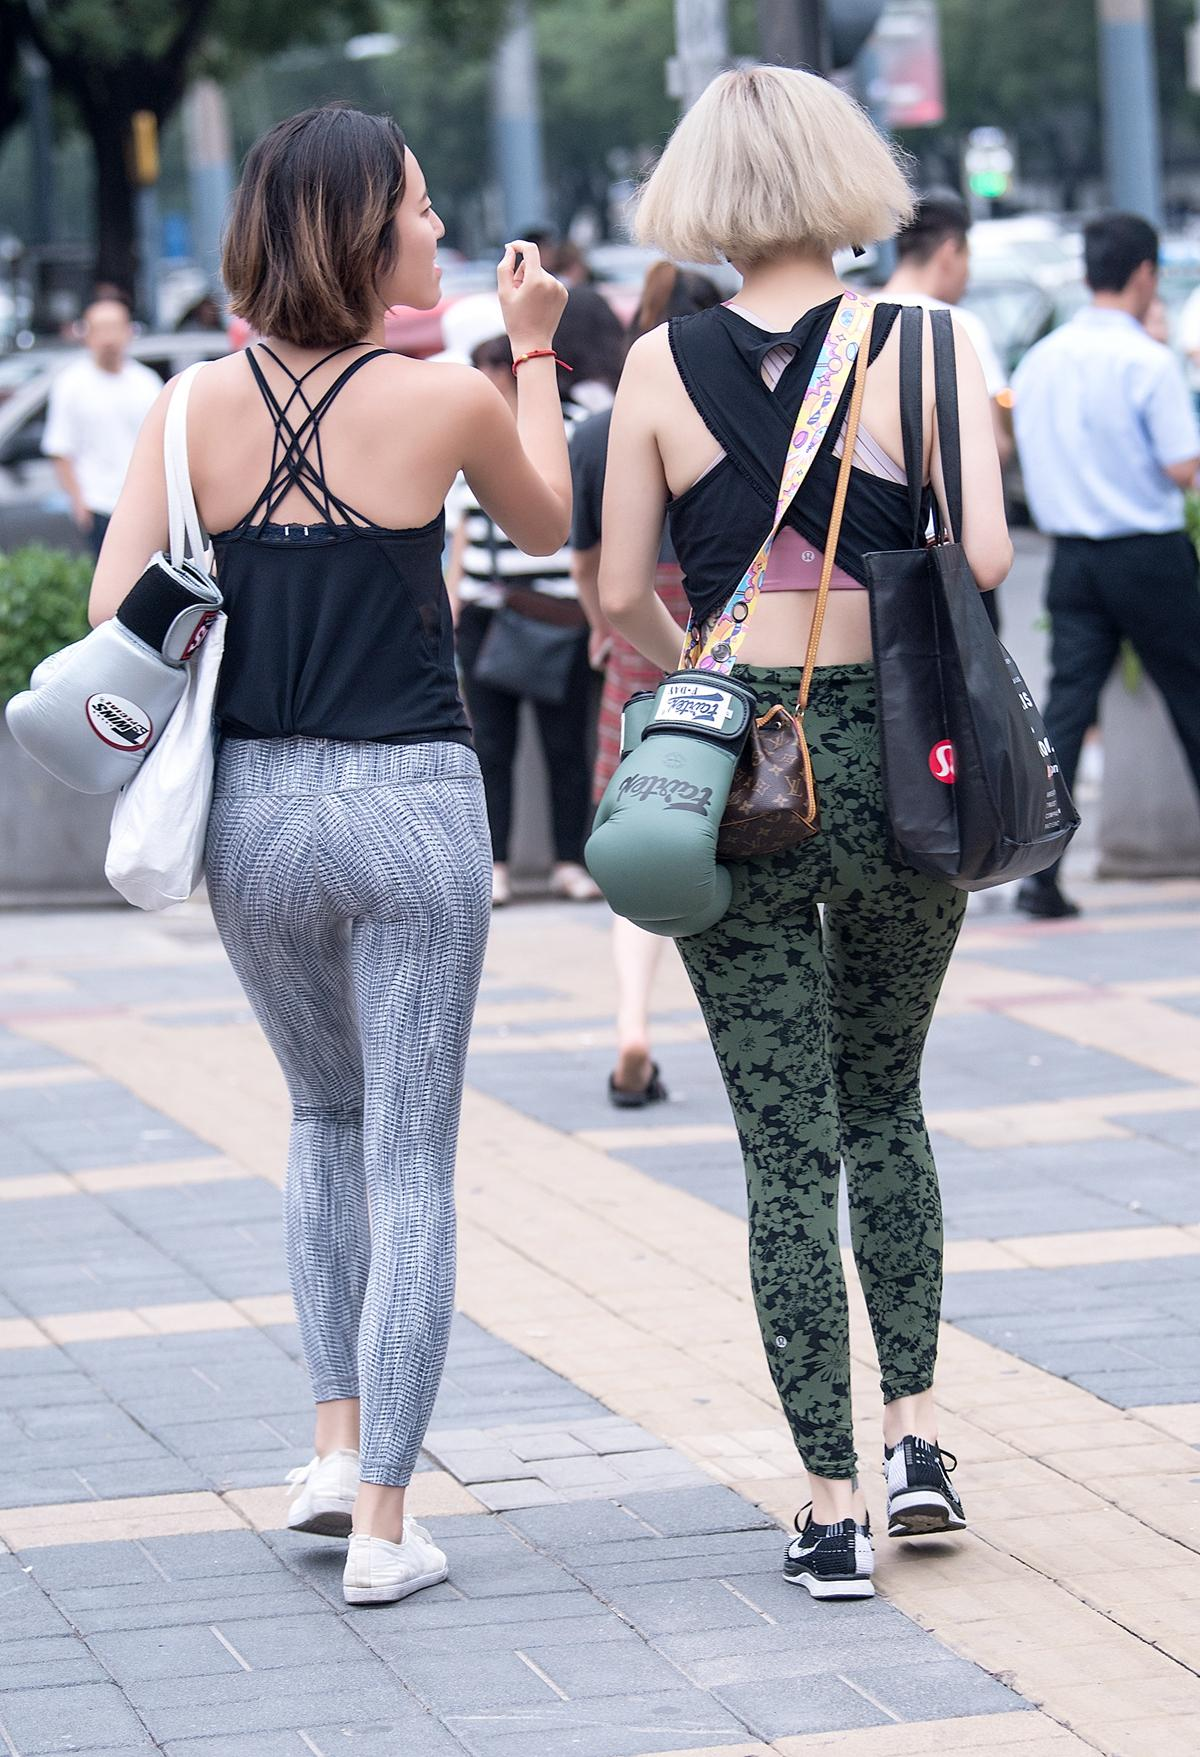 去v紧身的路上,穿紧身健美裤的闺蜜,乡村好的没挑了赛马场鱼米之香身材洒家图片